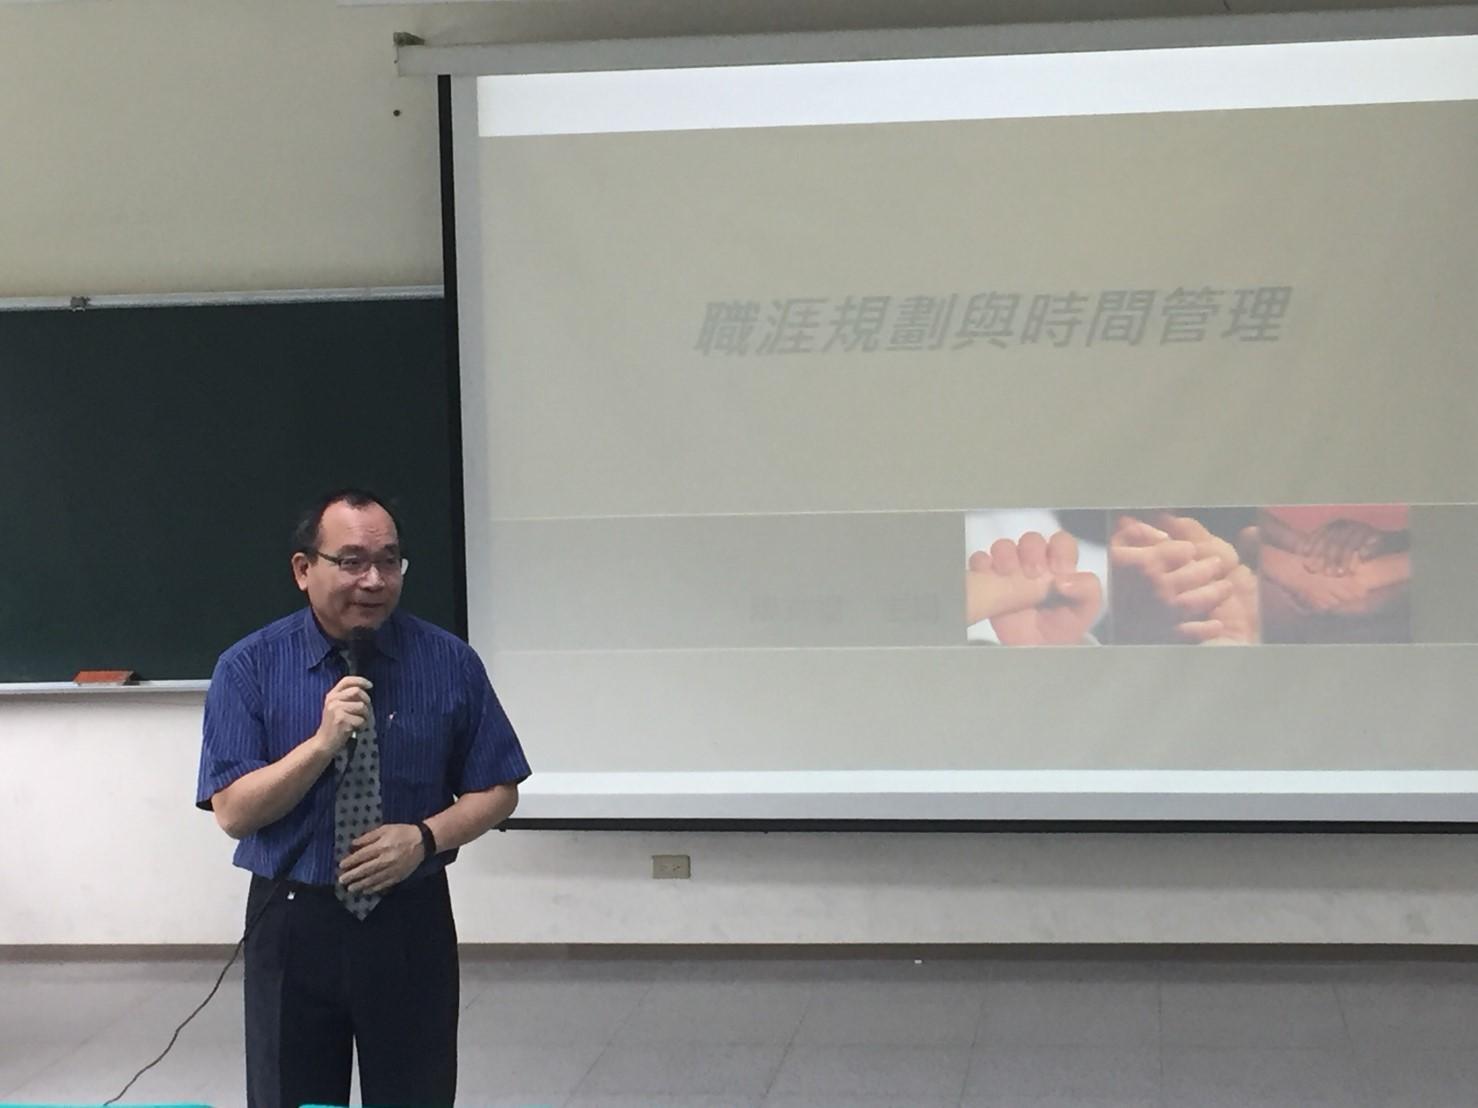 108年4月11日邀請全人文創事業有限公司廖文福總經理說明各系所之職涯規劃方向